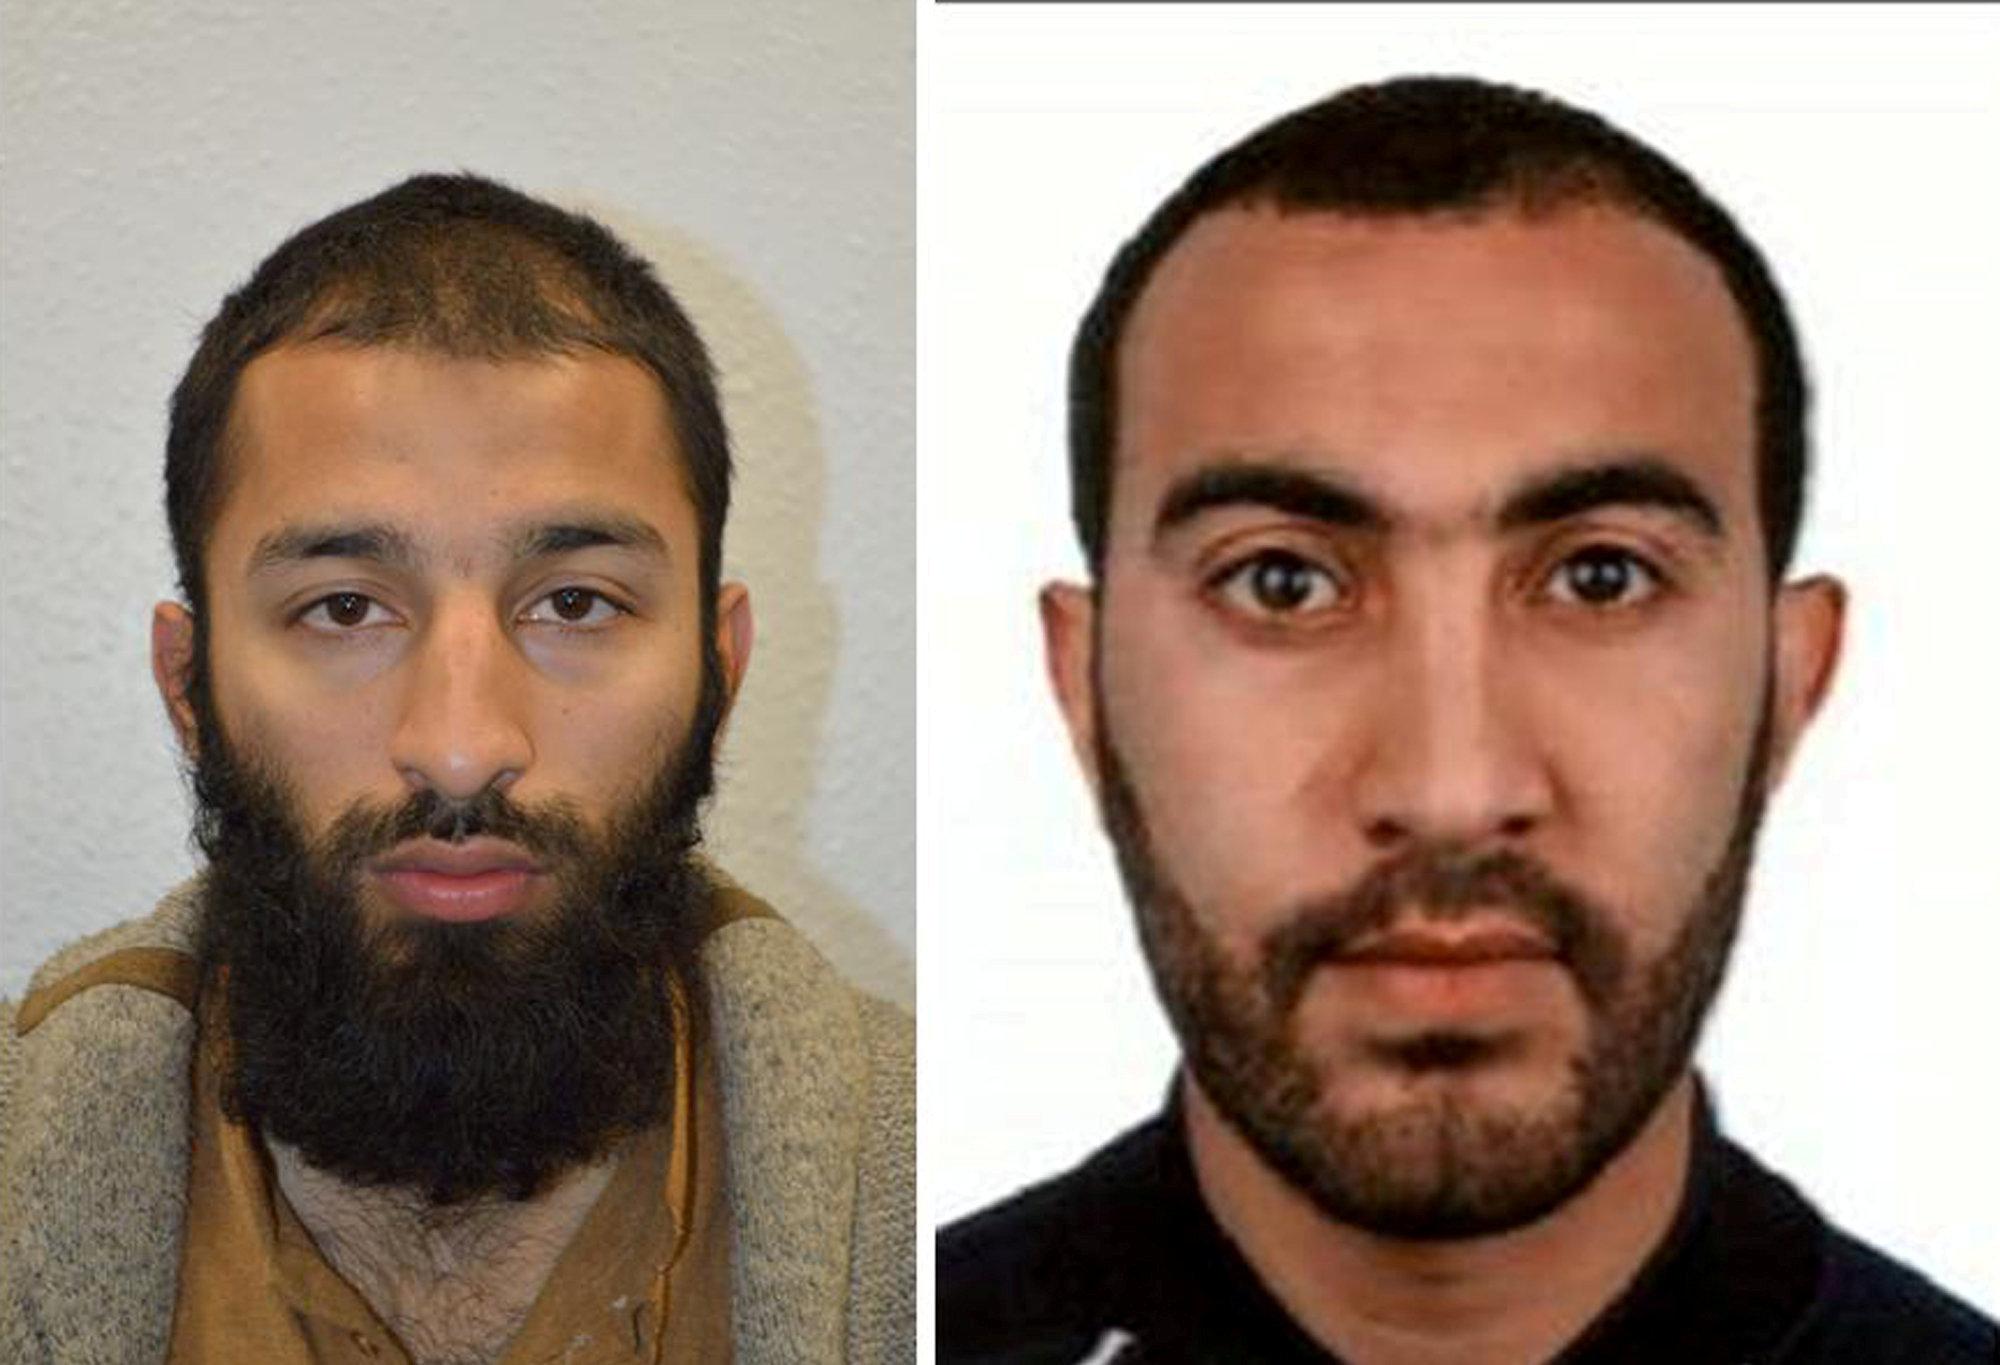 Khuram Shazad Butt (left) and Rachid Redouane (right)